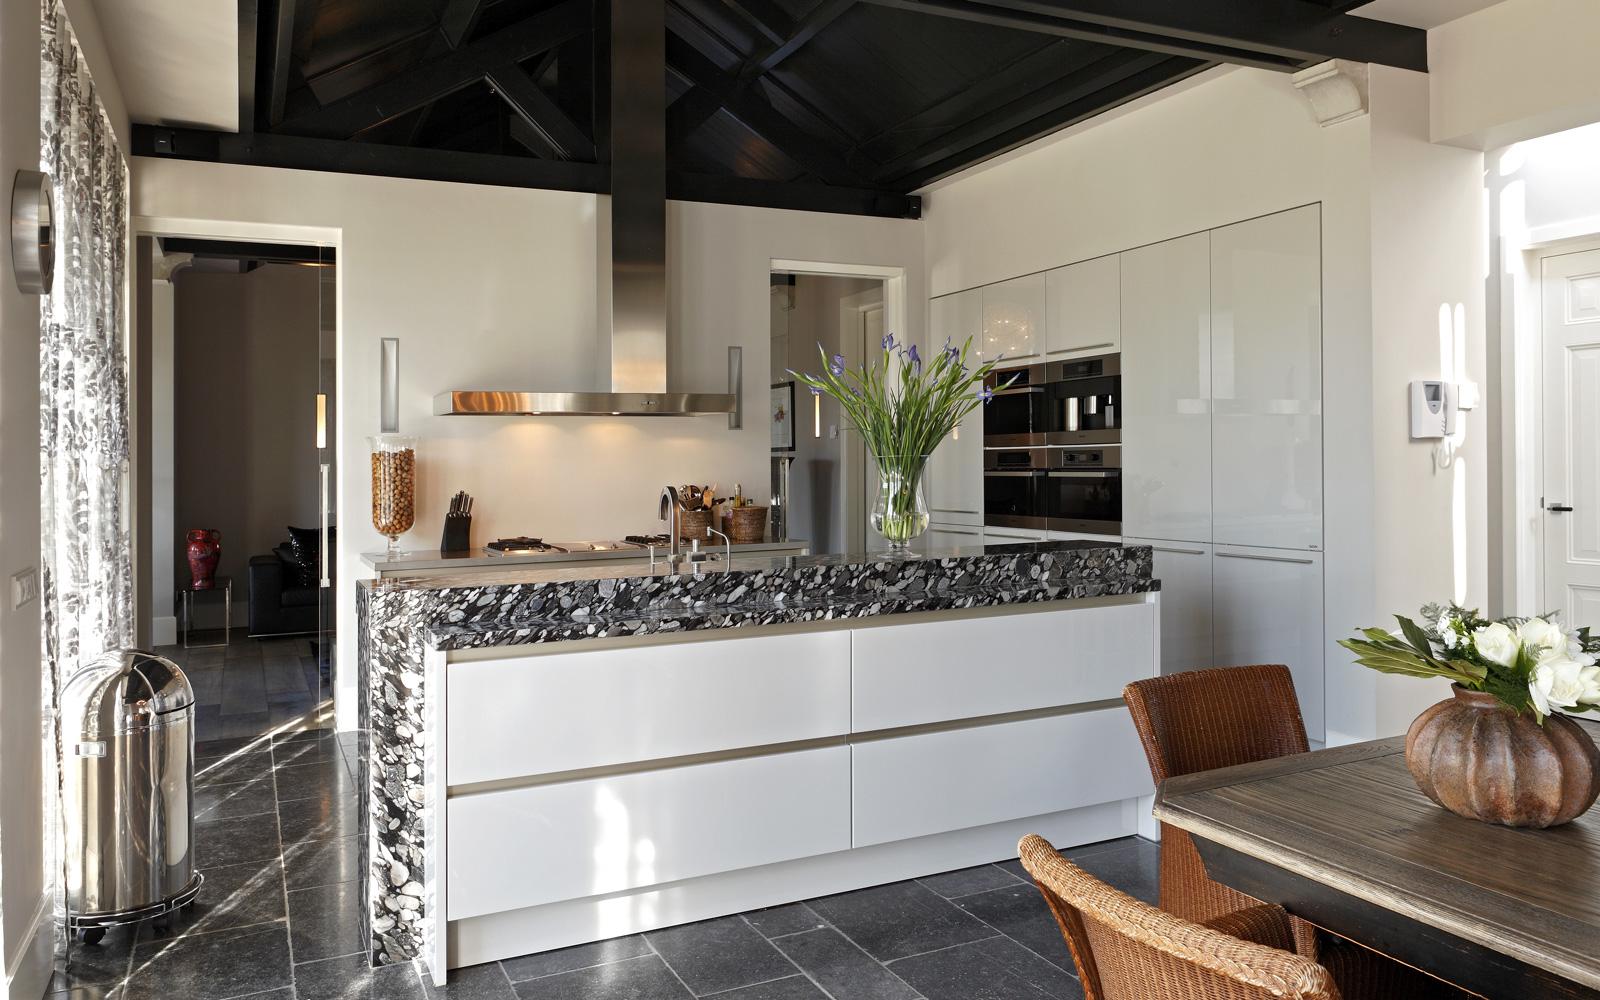 Keuken, Aswa Keukens, kookeiland, marmeren blad, ruime keuken, kookeiland, open haard, inloopkoelkast, Franse villa, Hertroijs Architekten